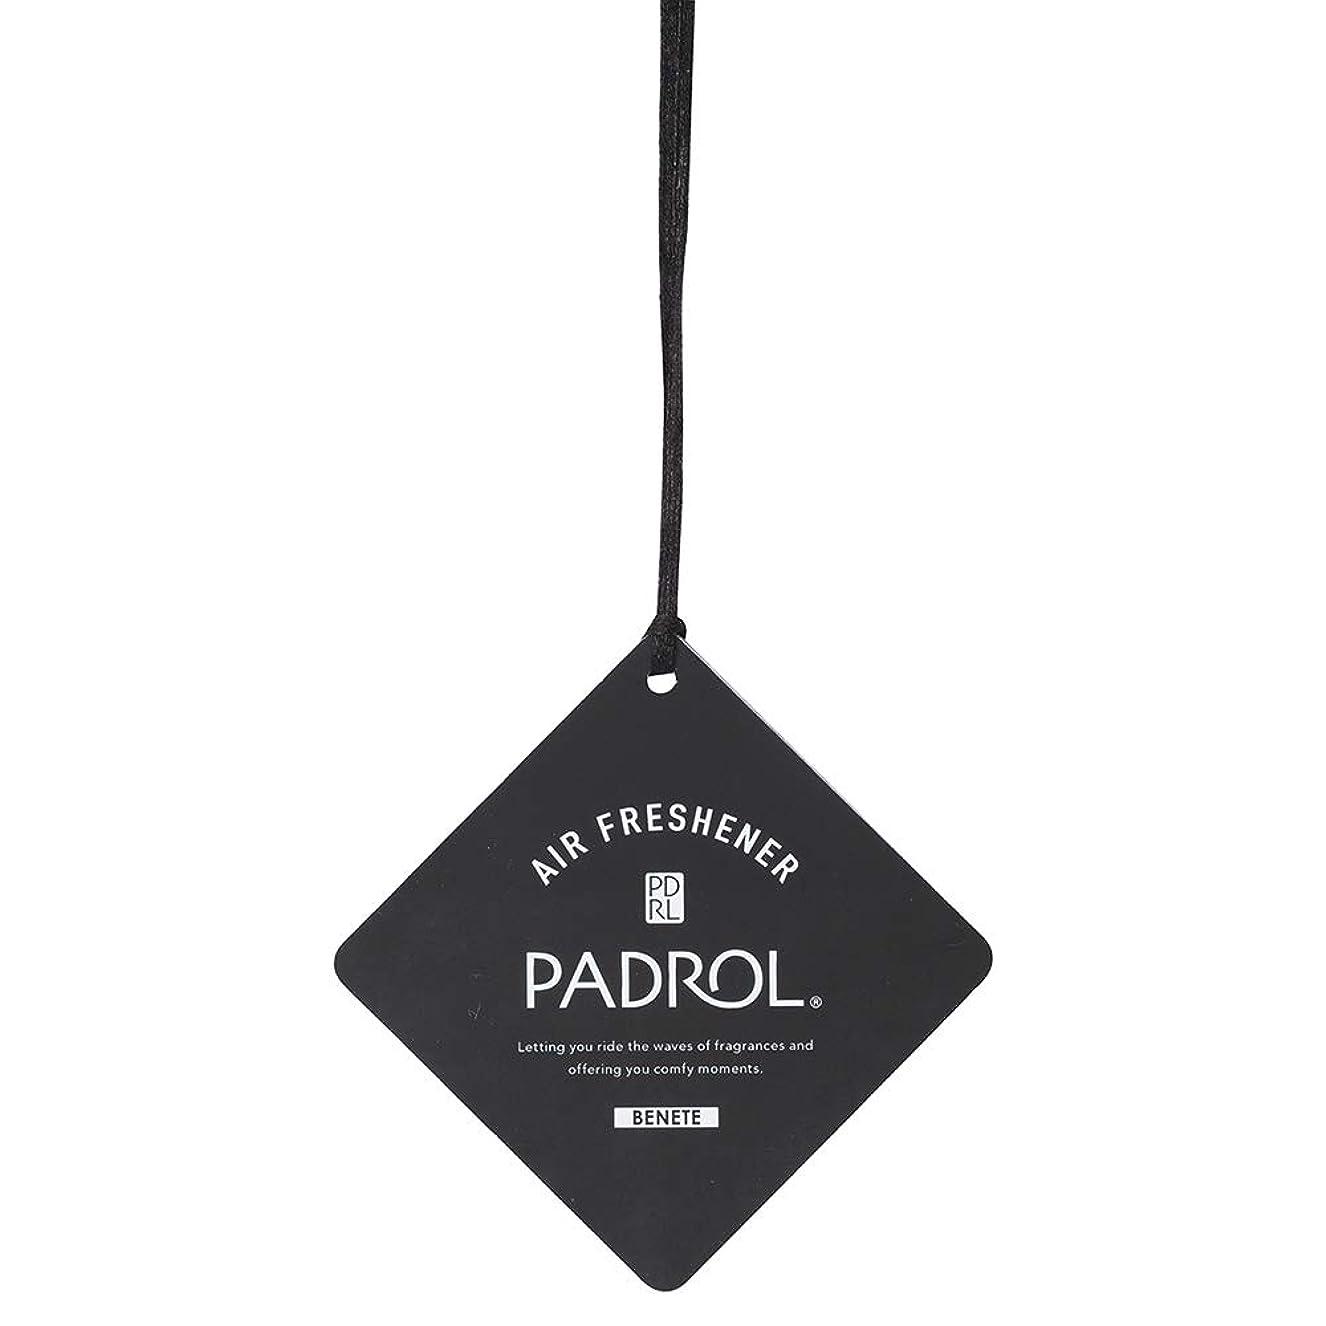 肥料家レーニン主義PADROL ルームフレグランス エアーフレッシュナー BENETE 吊り下げ ホワイトムスクの香り PAB-5-01